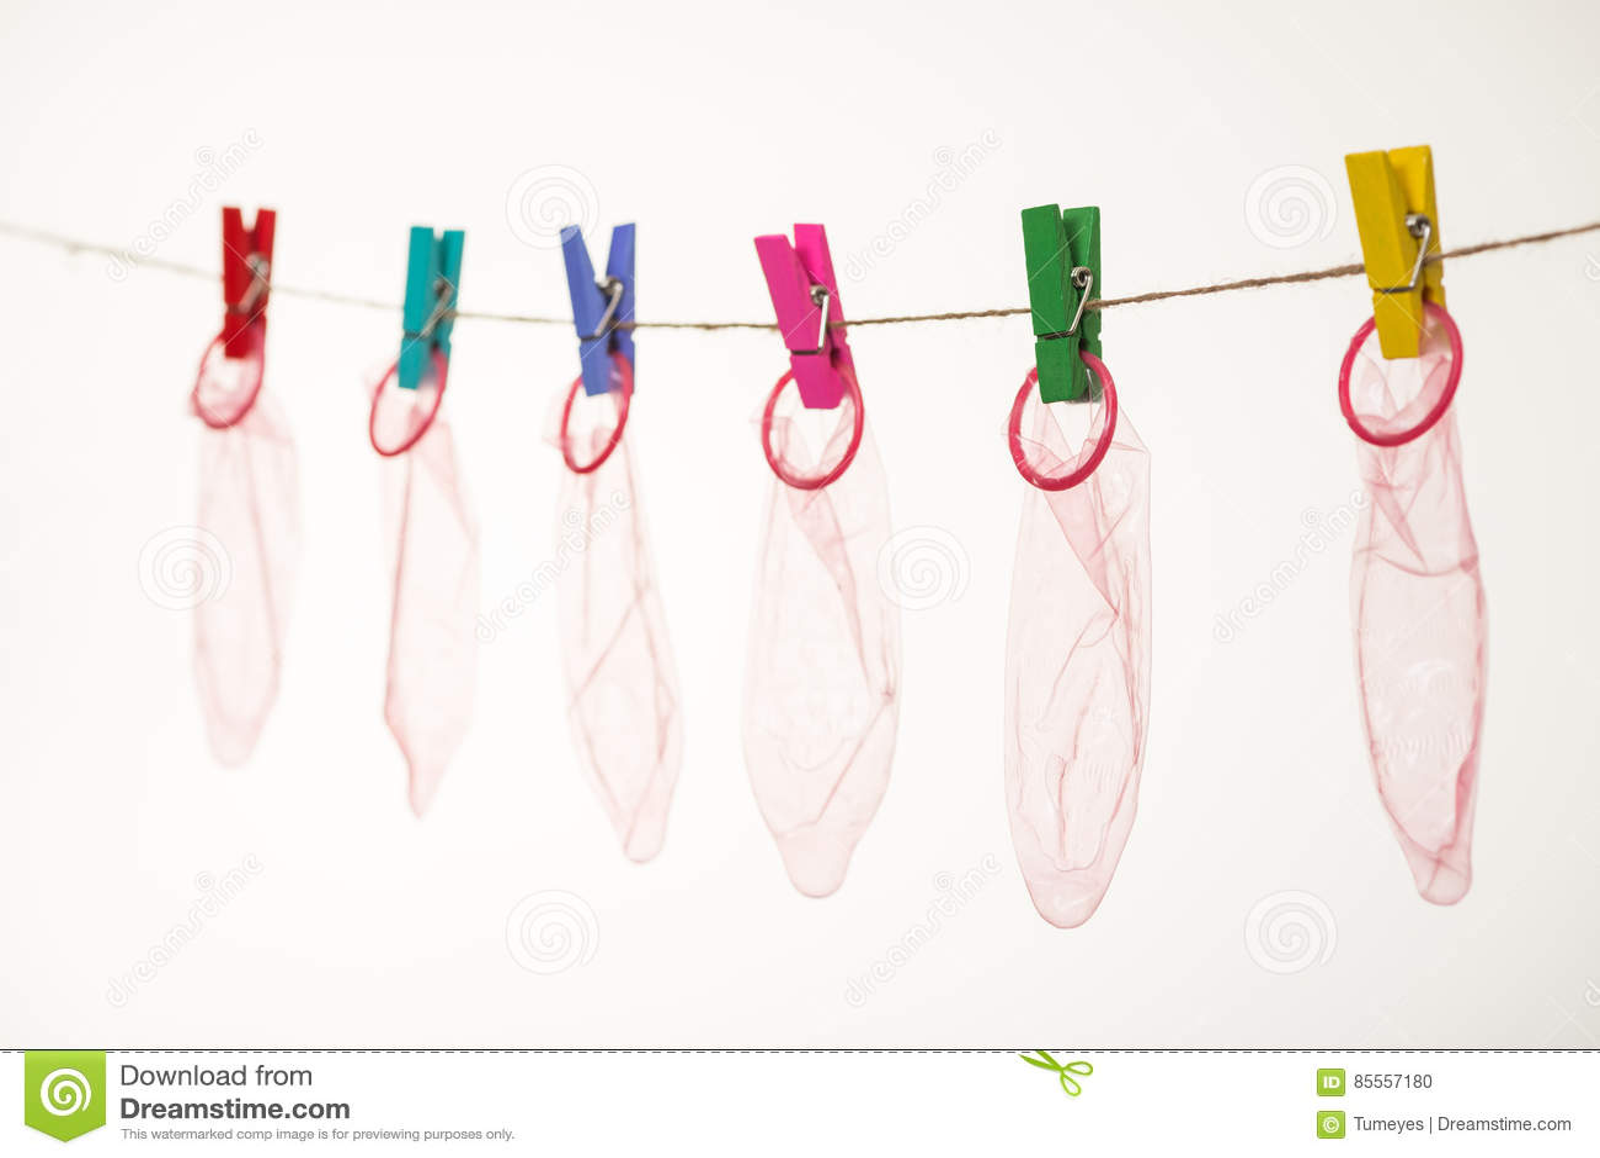 Kondome, die am Seil hängen